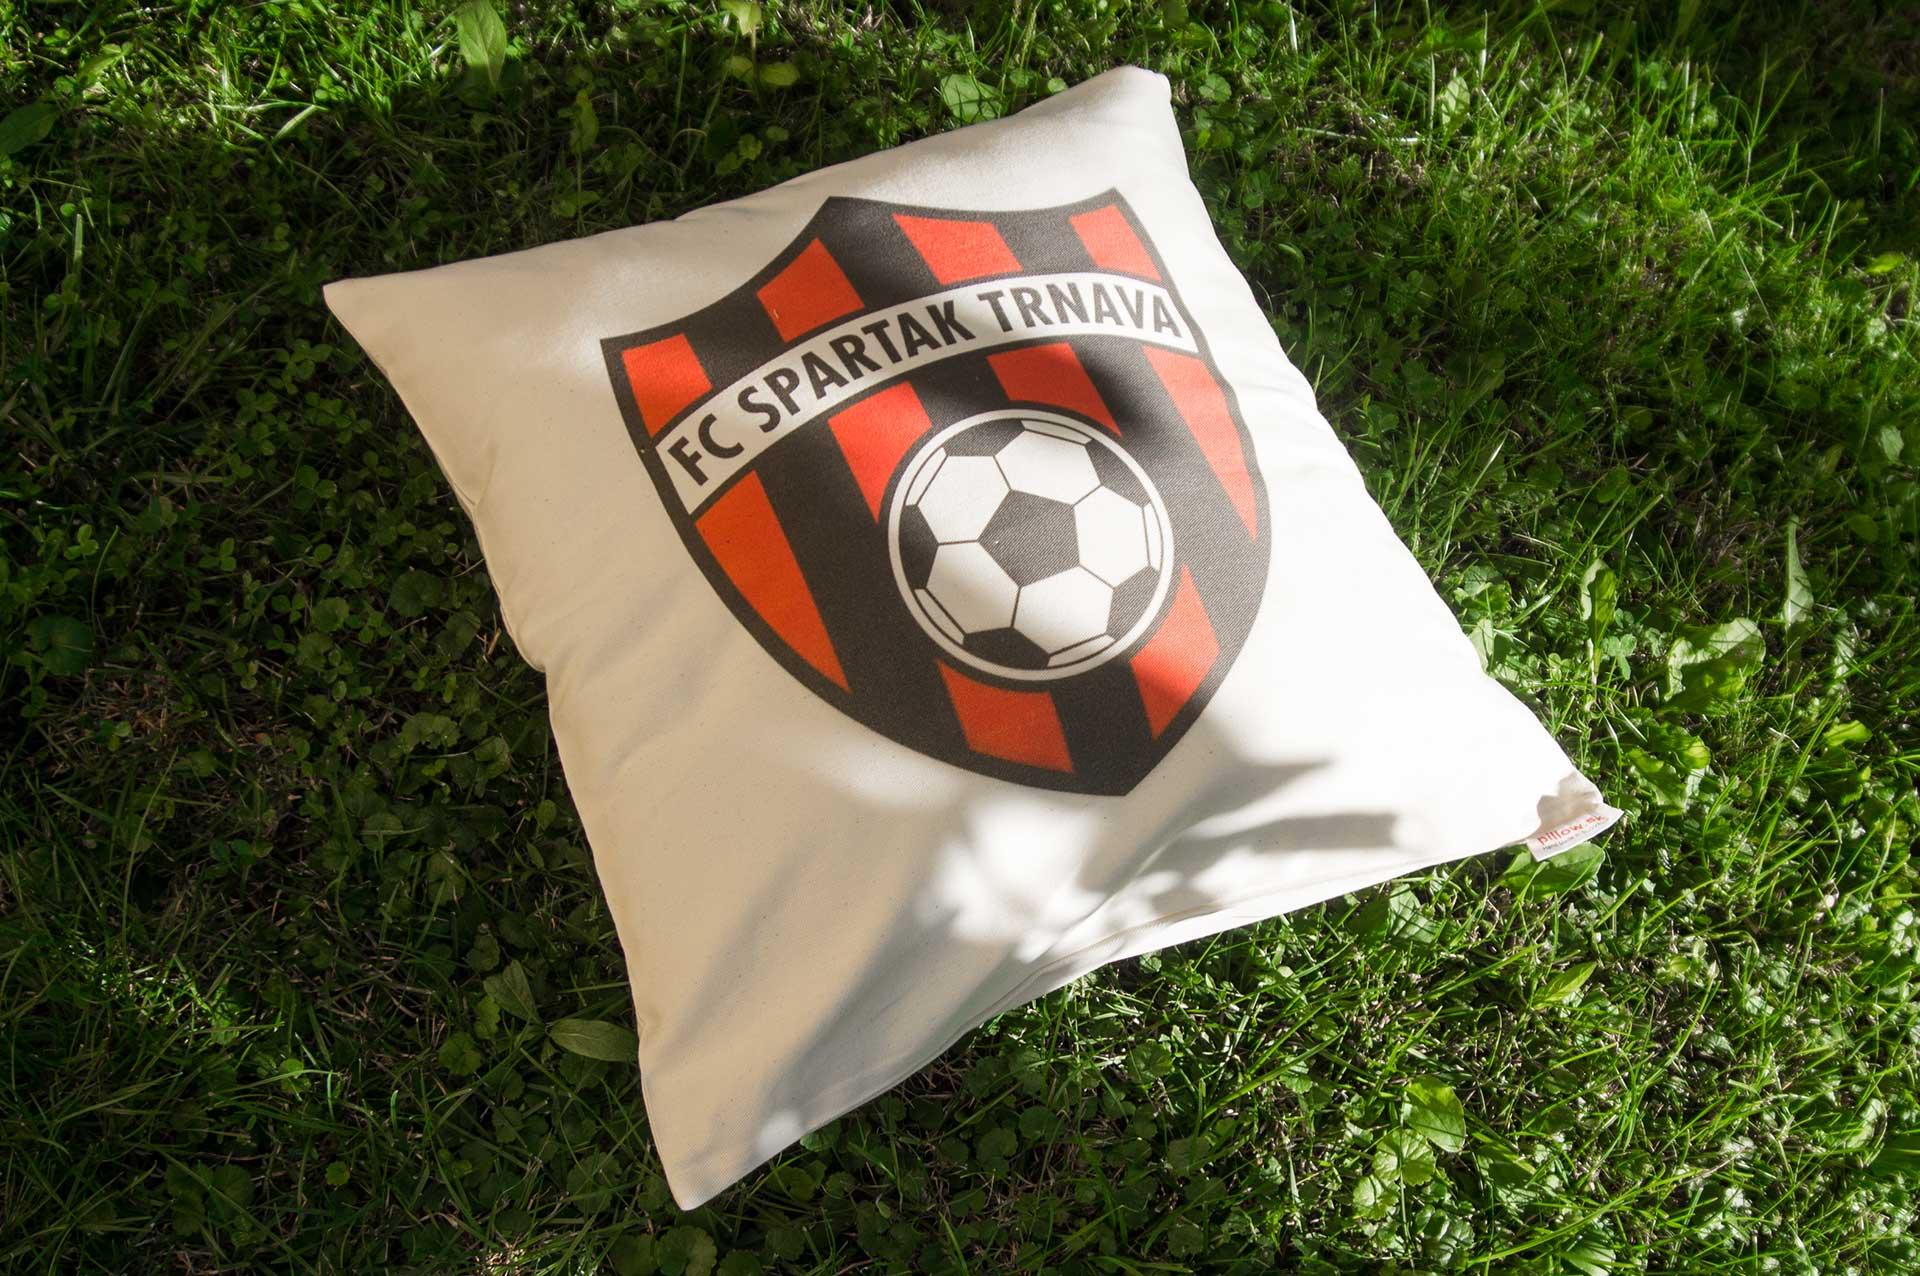 Vankúš s logom Spartak Trnava